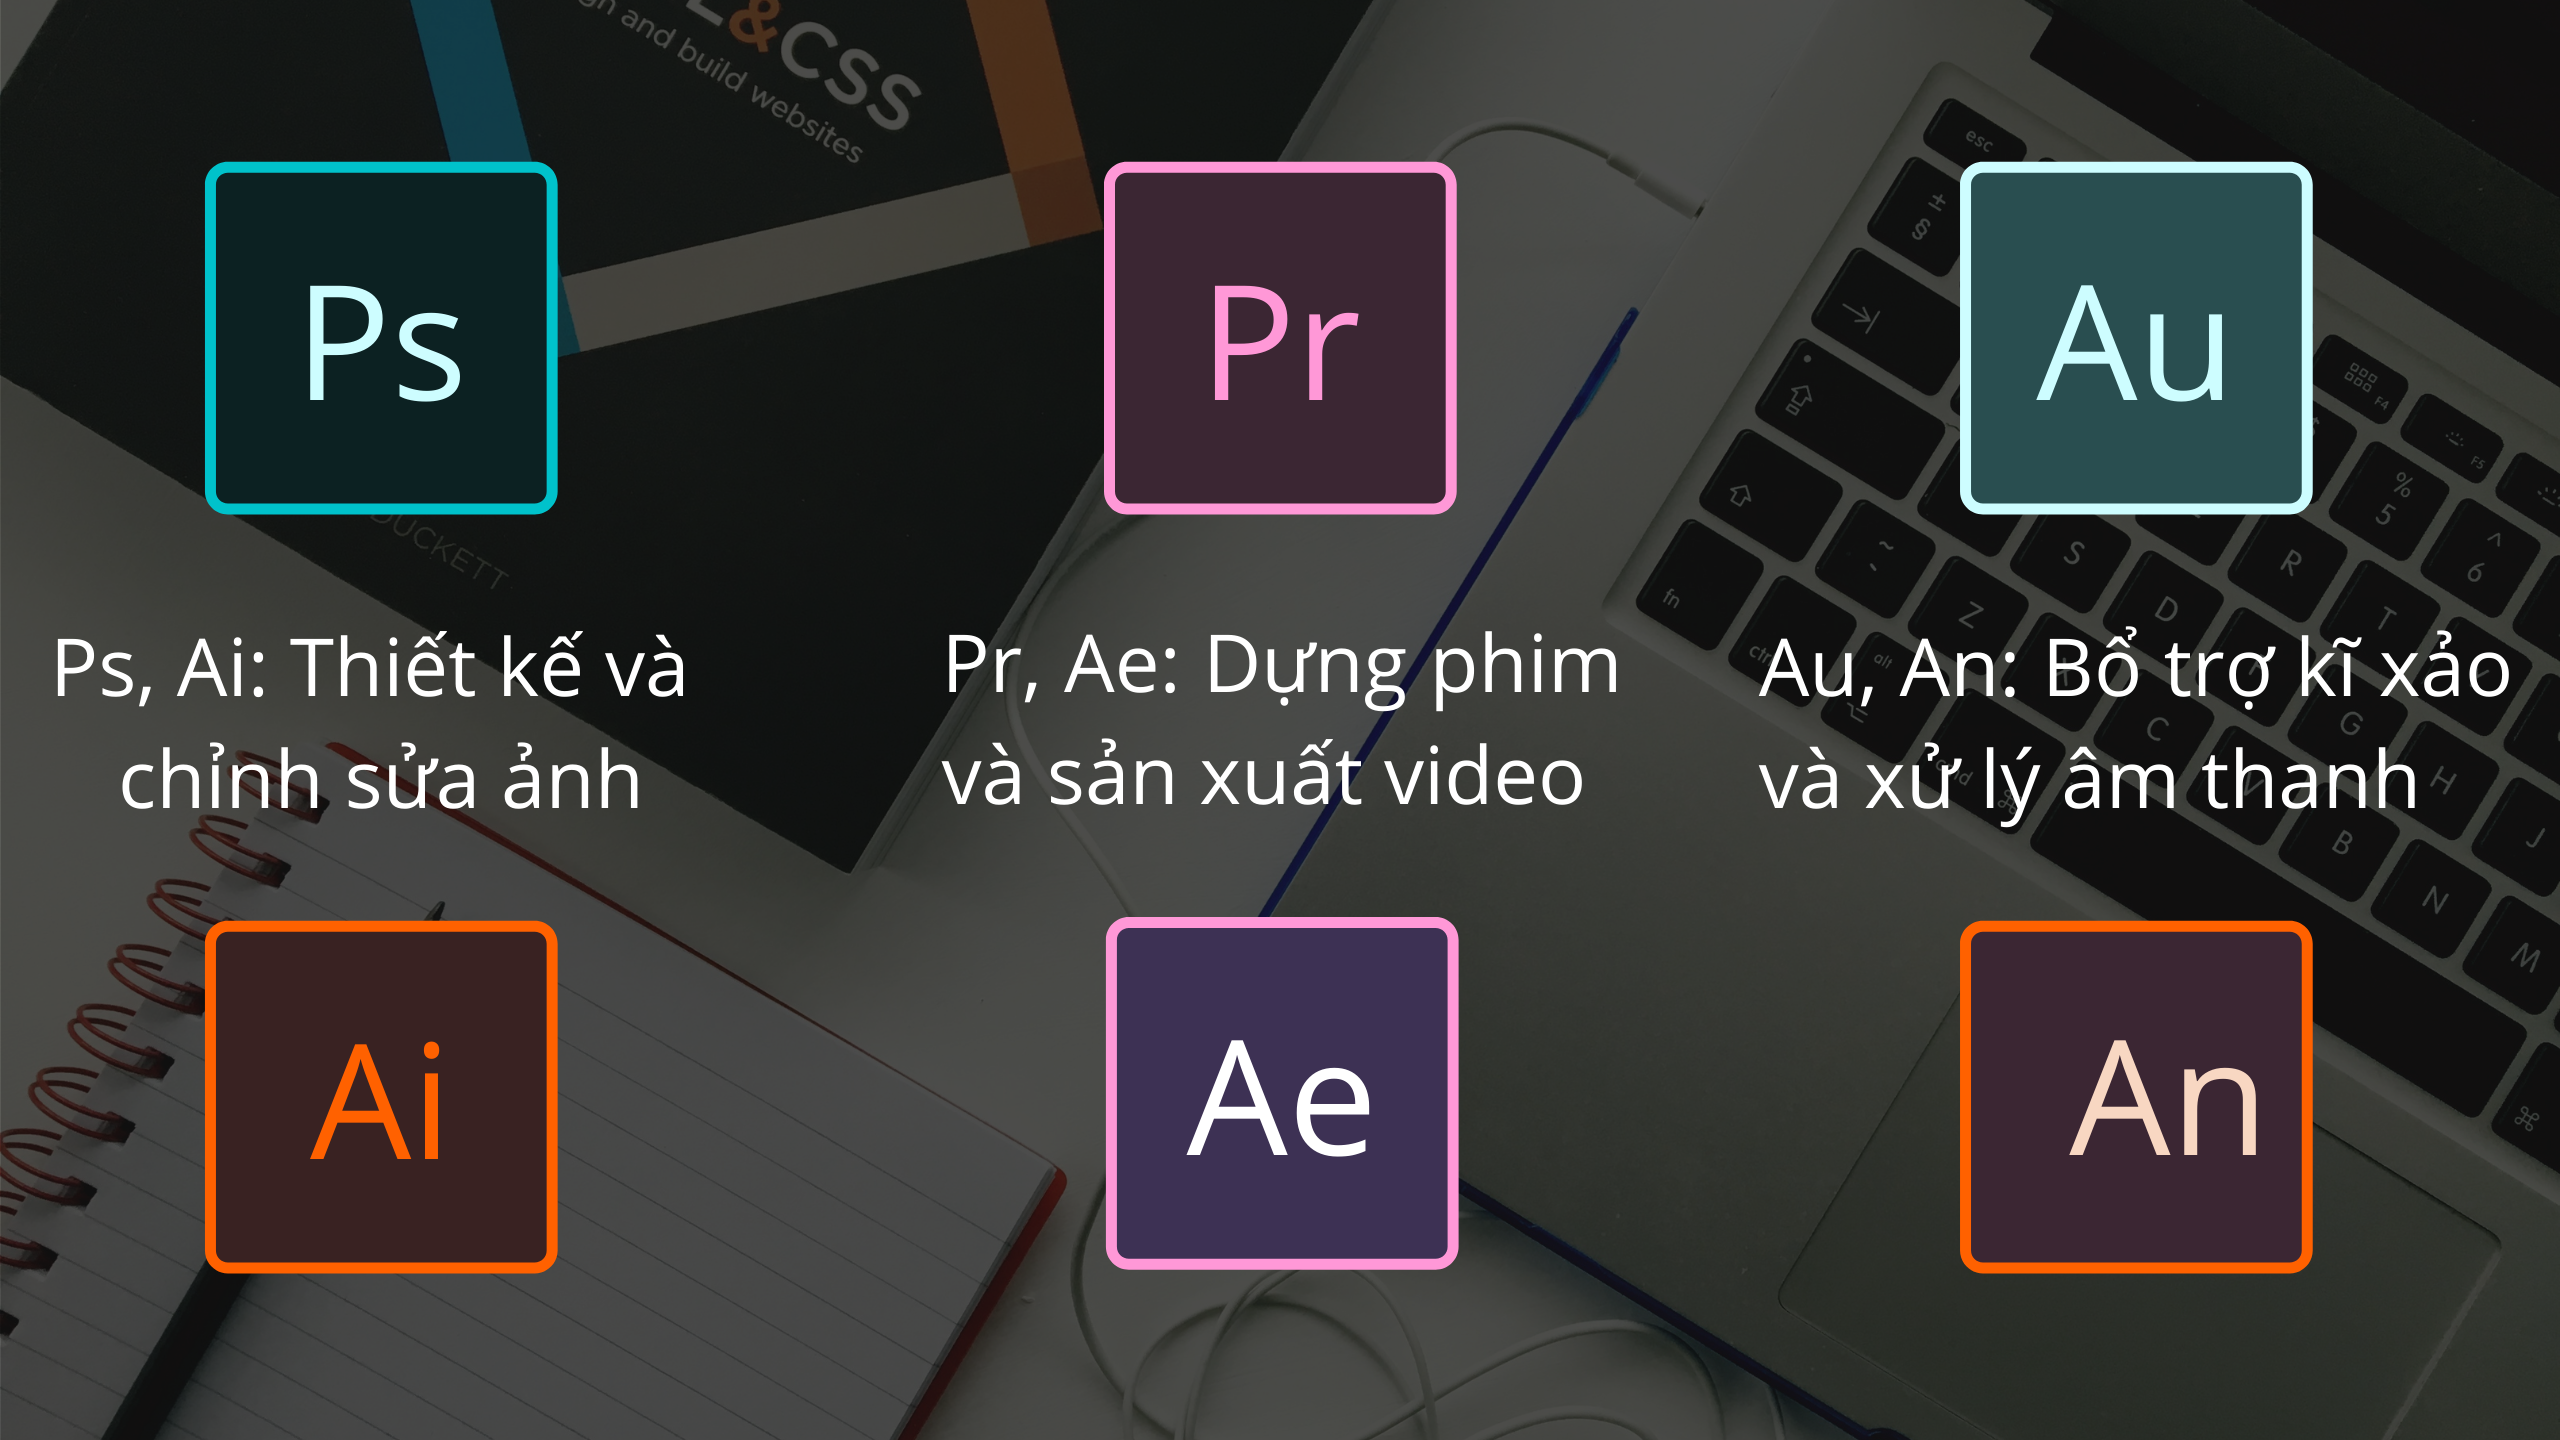 Những phần mềm chuyên nghiệp phổ biến hiện được Designer sử dụng